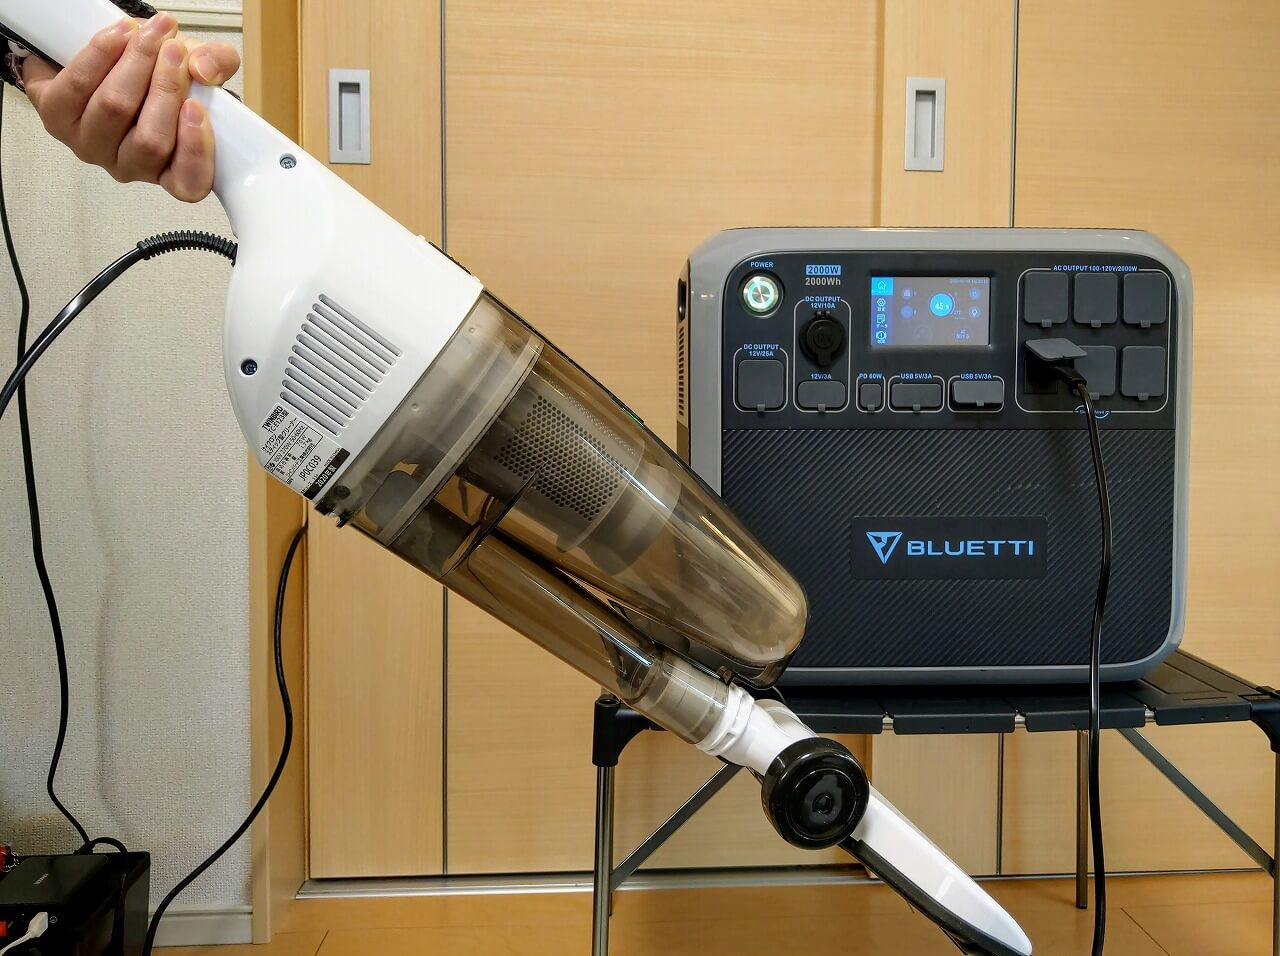 BLUETTI ポータブル電源 AC200Pに掃除機を繋いで使用